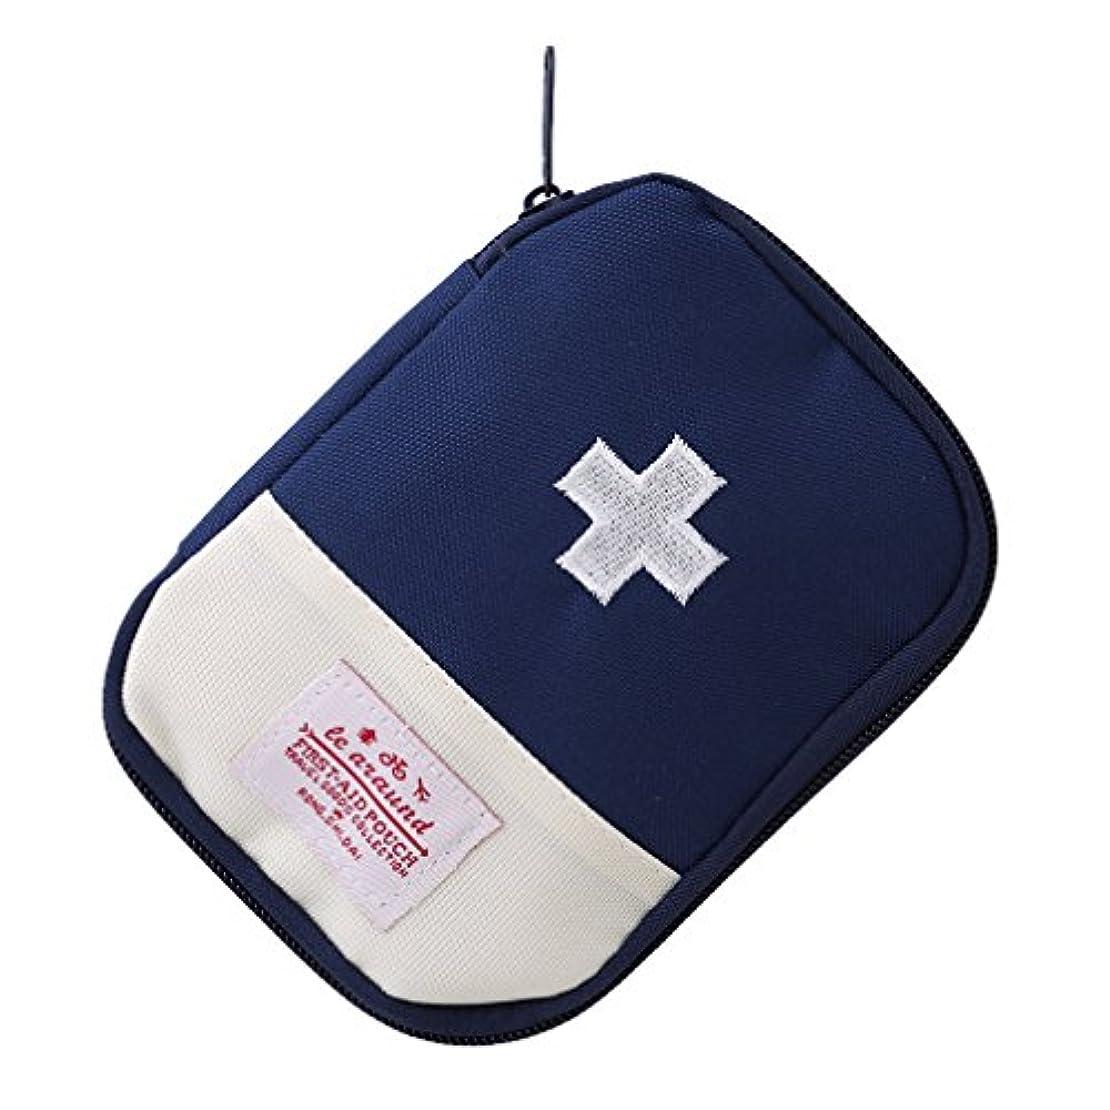 マティスポータル保安Yuehao メディカルポーチ ミニ救急箱 応急処置バッグ 携帯用救急箱 常備薬収納 コンパクト 軽量家庭学校旅行